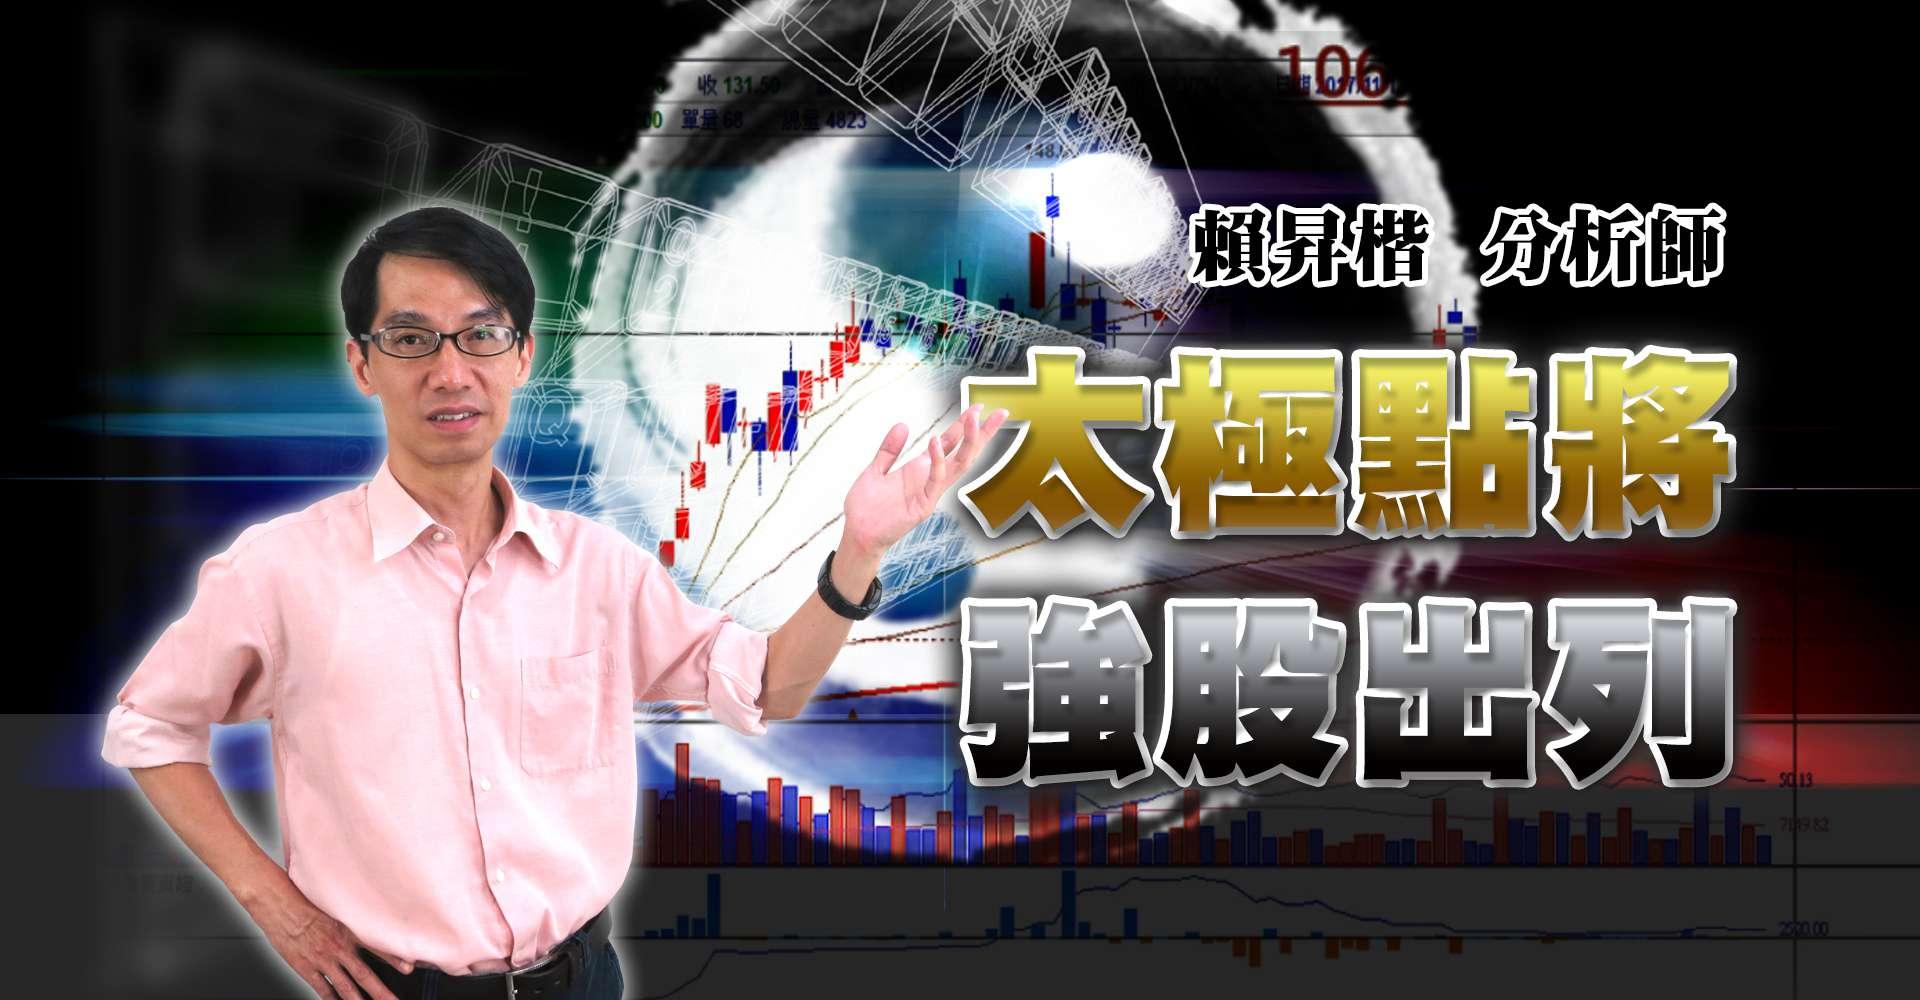 《賴昇楷-鎖碼影音》太極點將、強股出列 (圖)